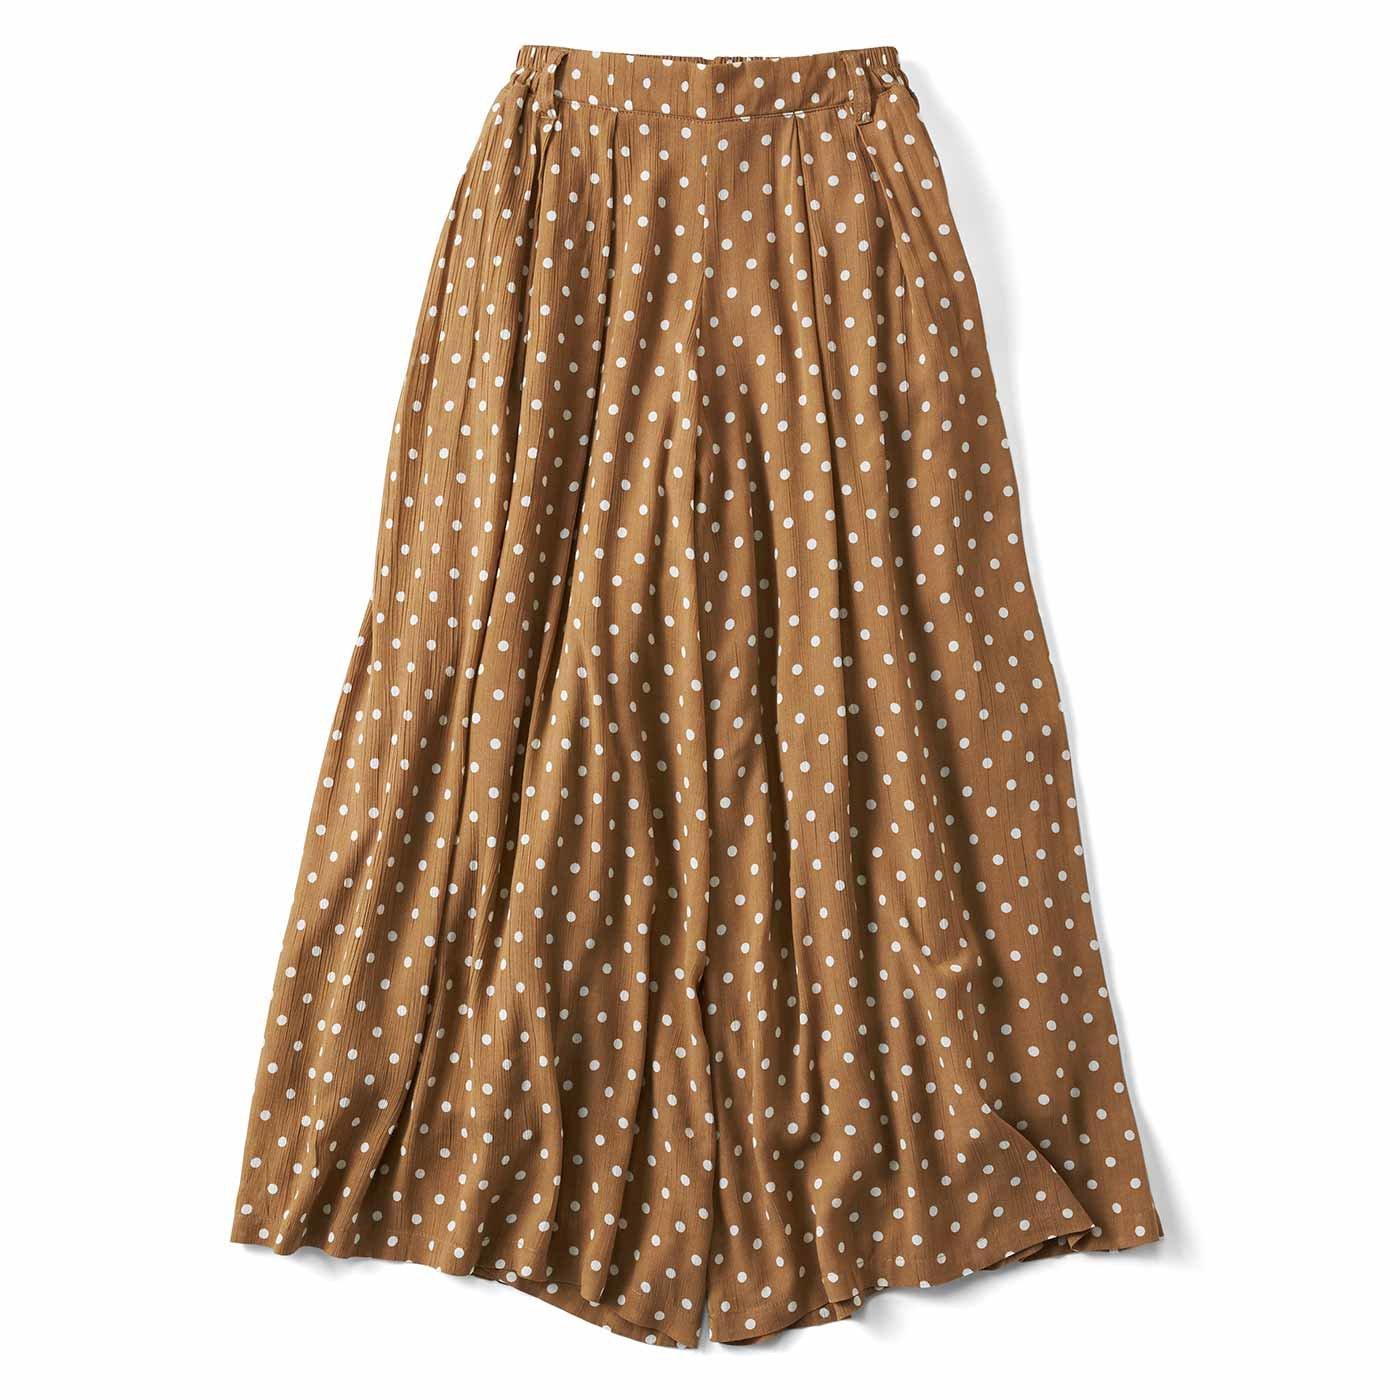 リブ イン コンフォート スカート見えする! コットン楊柳(ようりゅう)フレアーパンツ〈ベージュドット〉